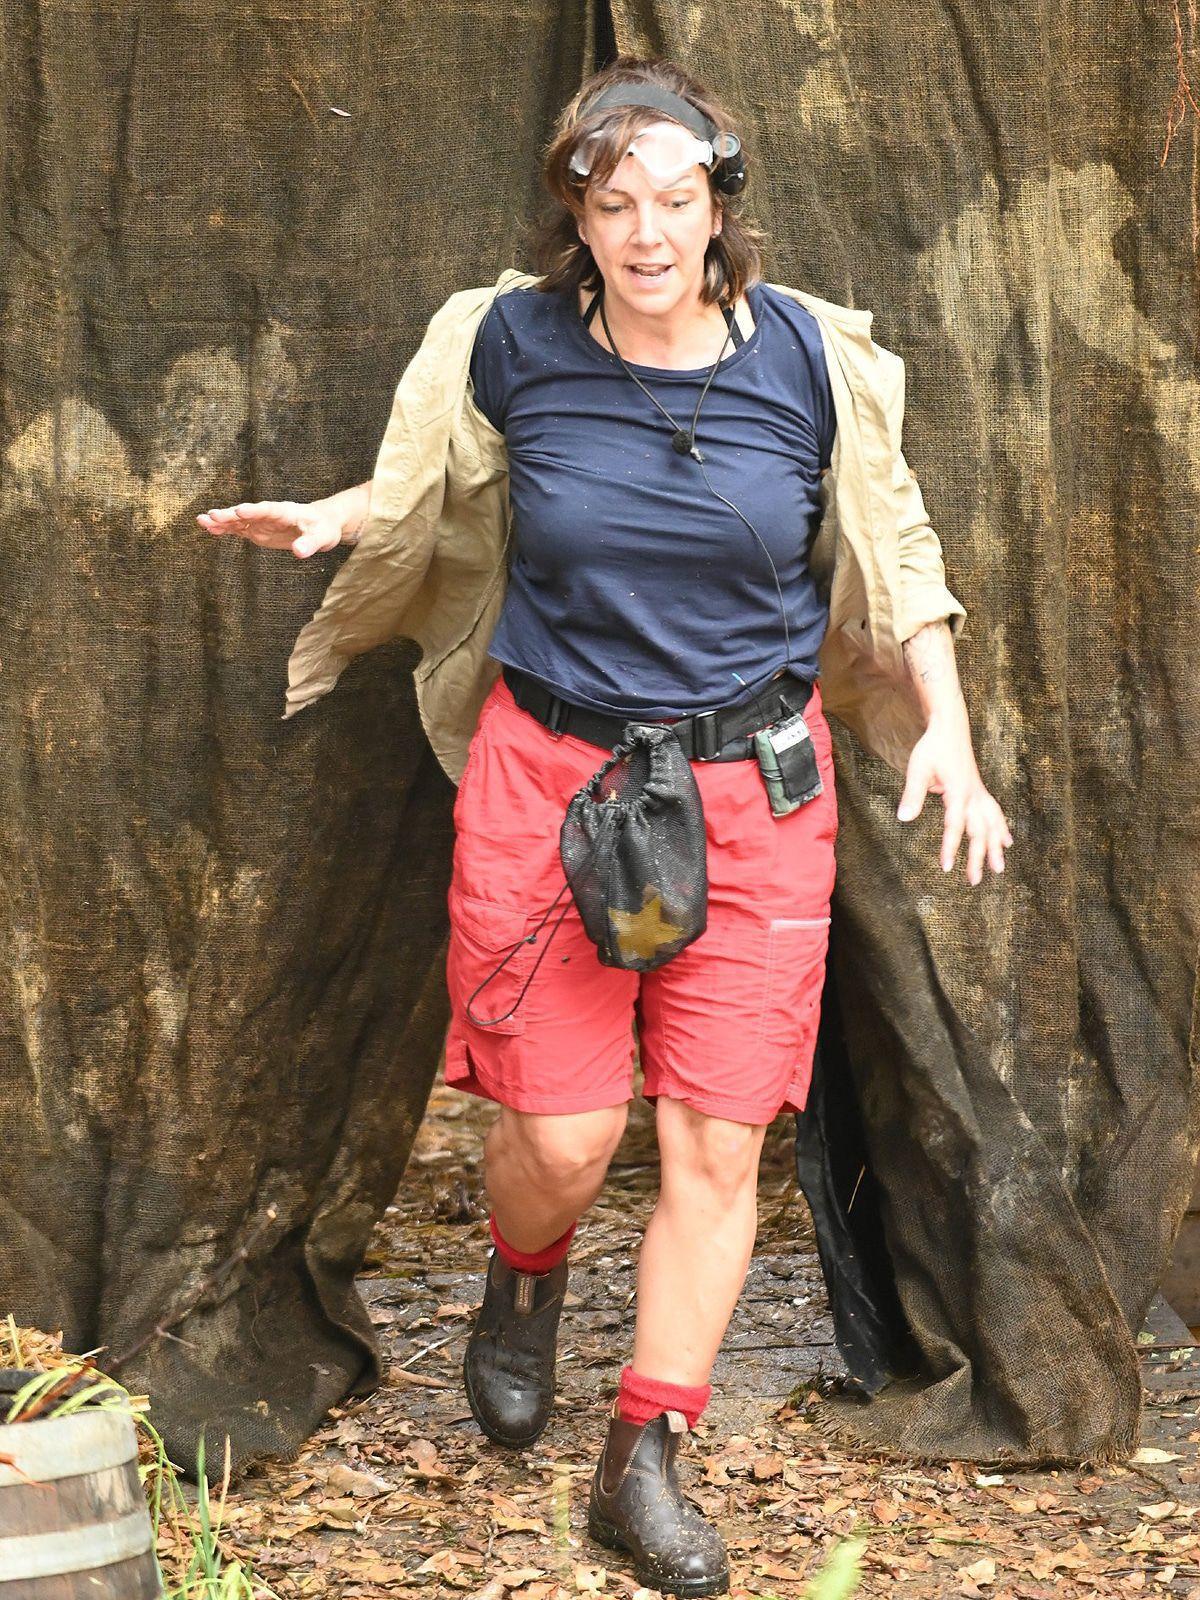 Dschungelcamp Tag 3: Frau Büchner bejubelt sich und ihre Sendezeit